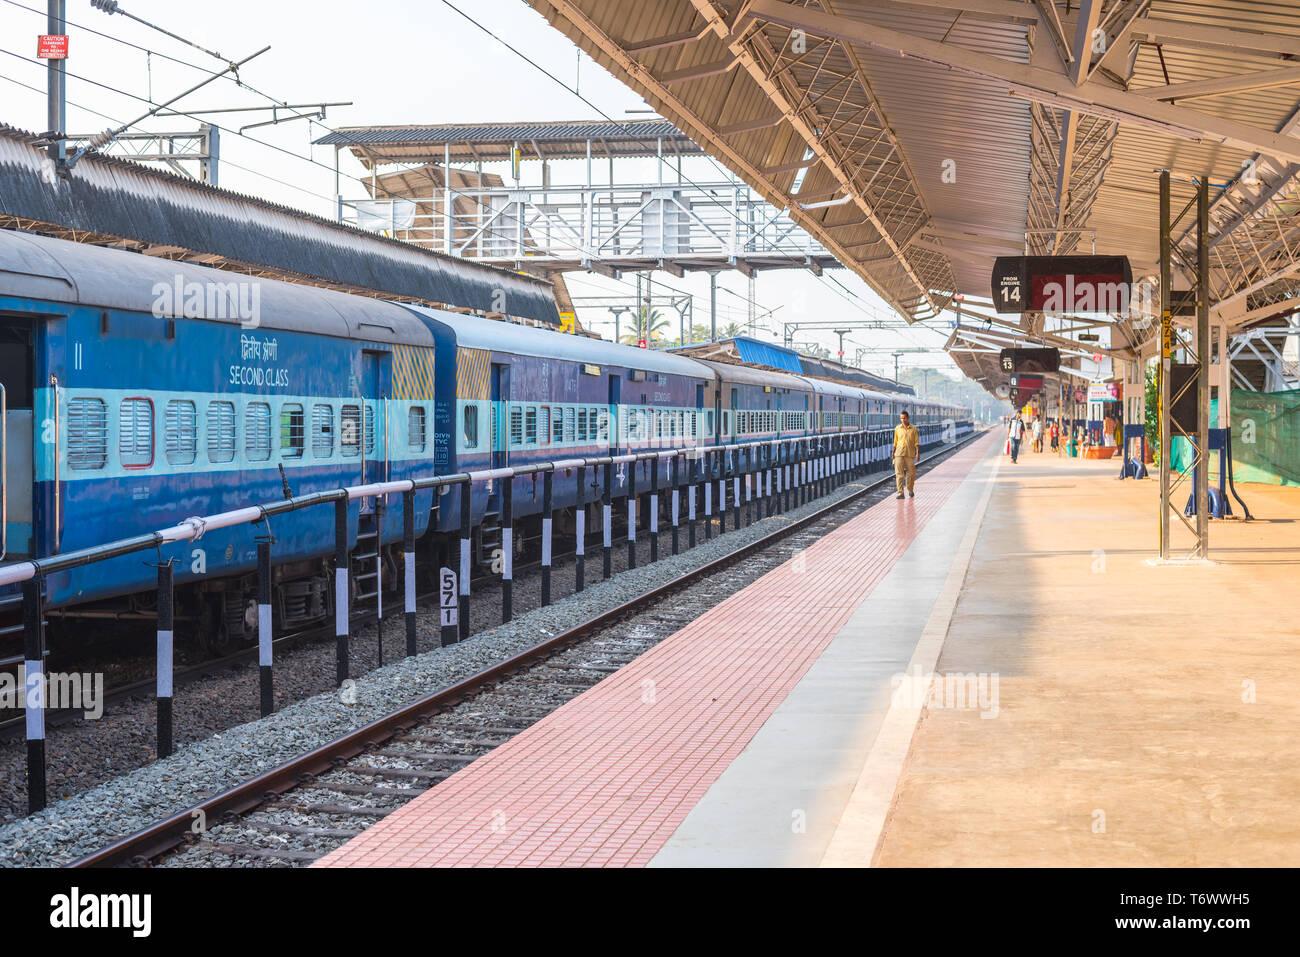 Alleppey, India - 7 Febbraio 2016: piattaforma vuota di Alleppey stazione ferroviaria. Immagini Stock